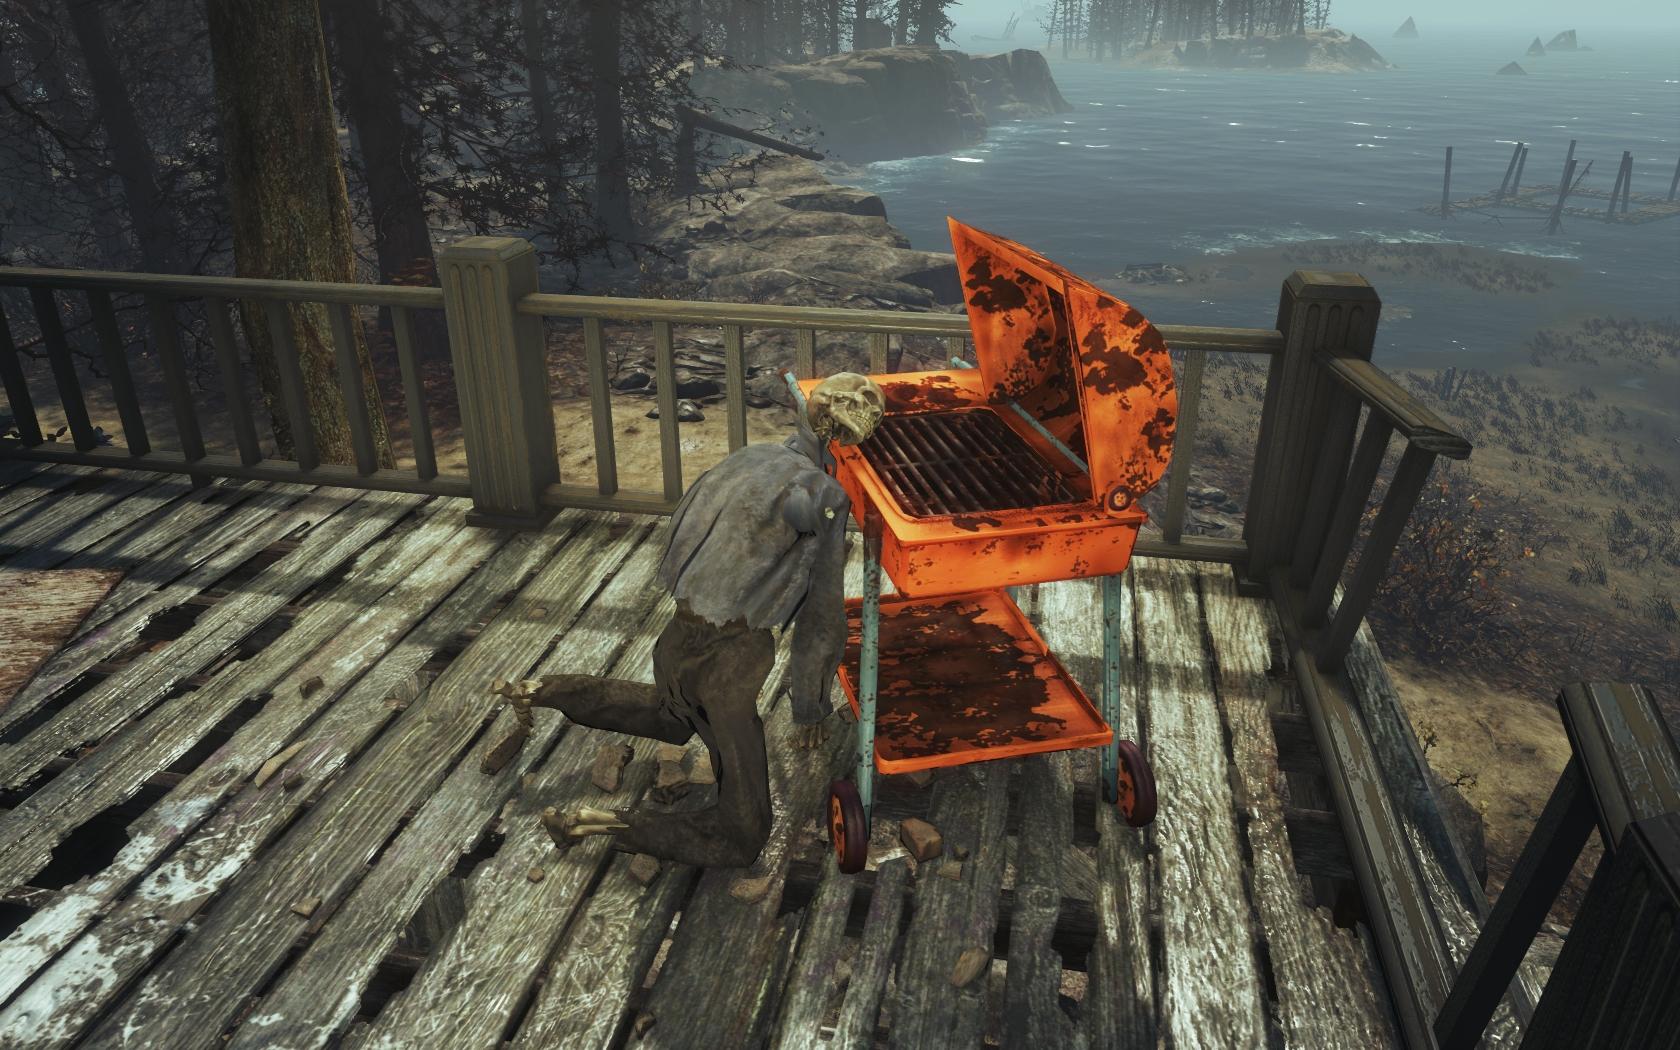 Перекус (Фар-Харбор, Рейберн-Пойнт) - Fallout 4 Рейберн-Пойнт, скелет